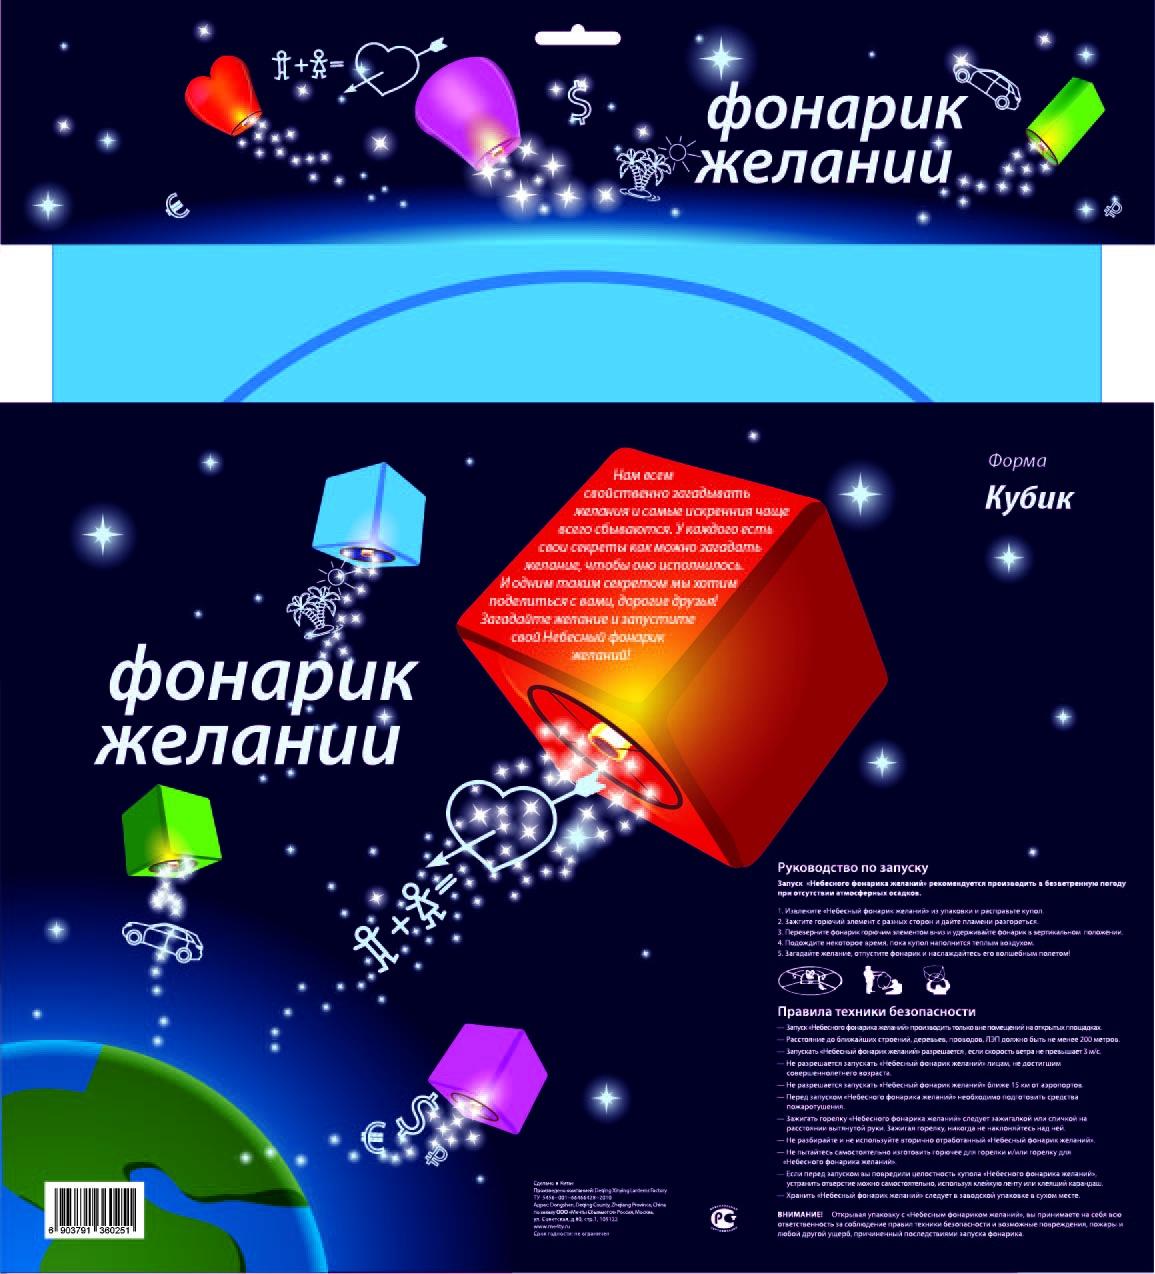 Бумажный фонарик кубик, голубой небесный фонарик желаний nebofon сердце 2d pink